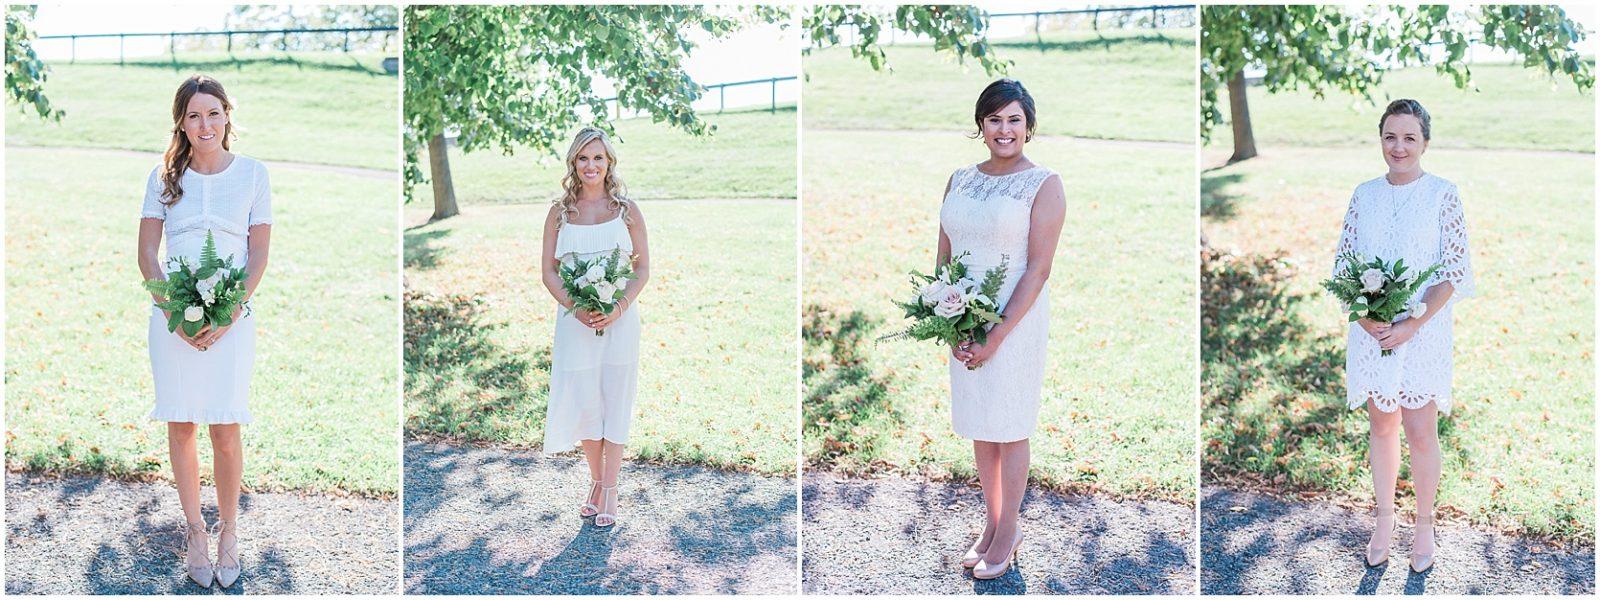 0035 SS-Late Summer Wedding at Zibi - Ottawa_PhotosbyEmmaH_WEB.jpg